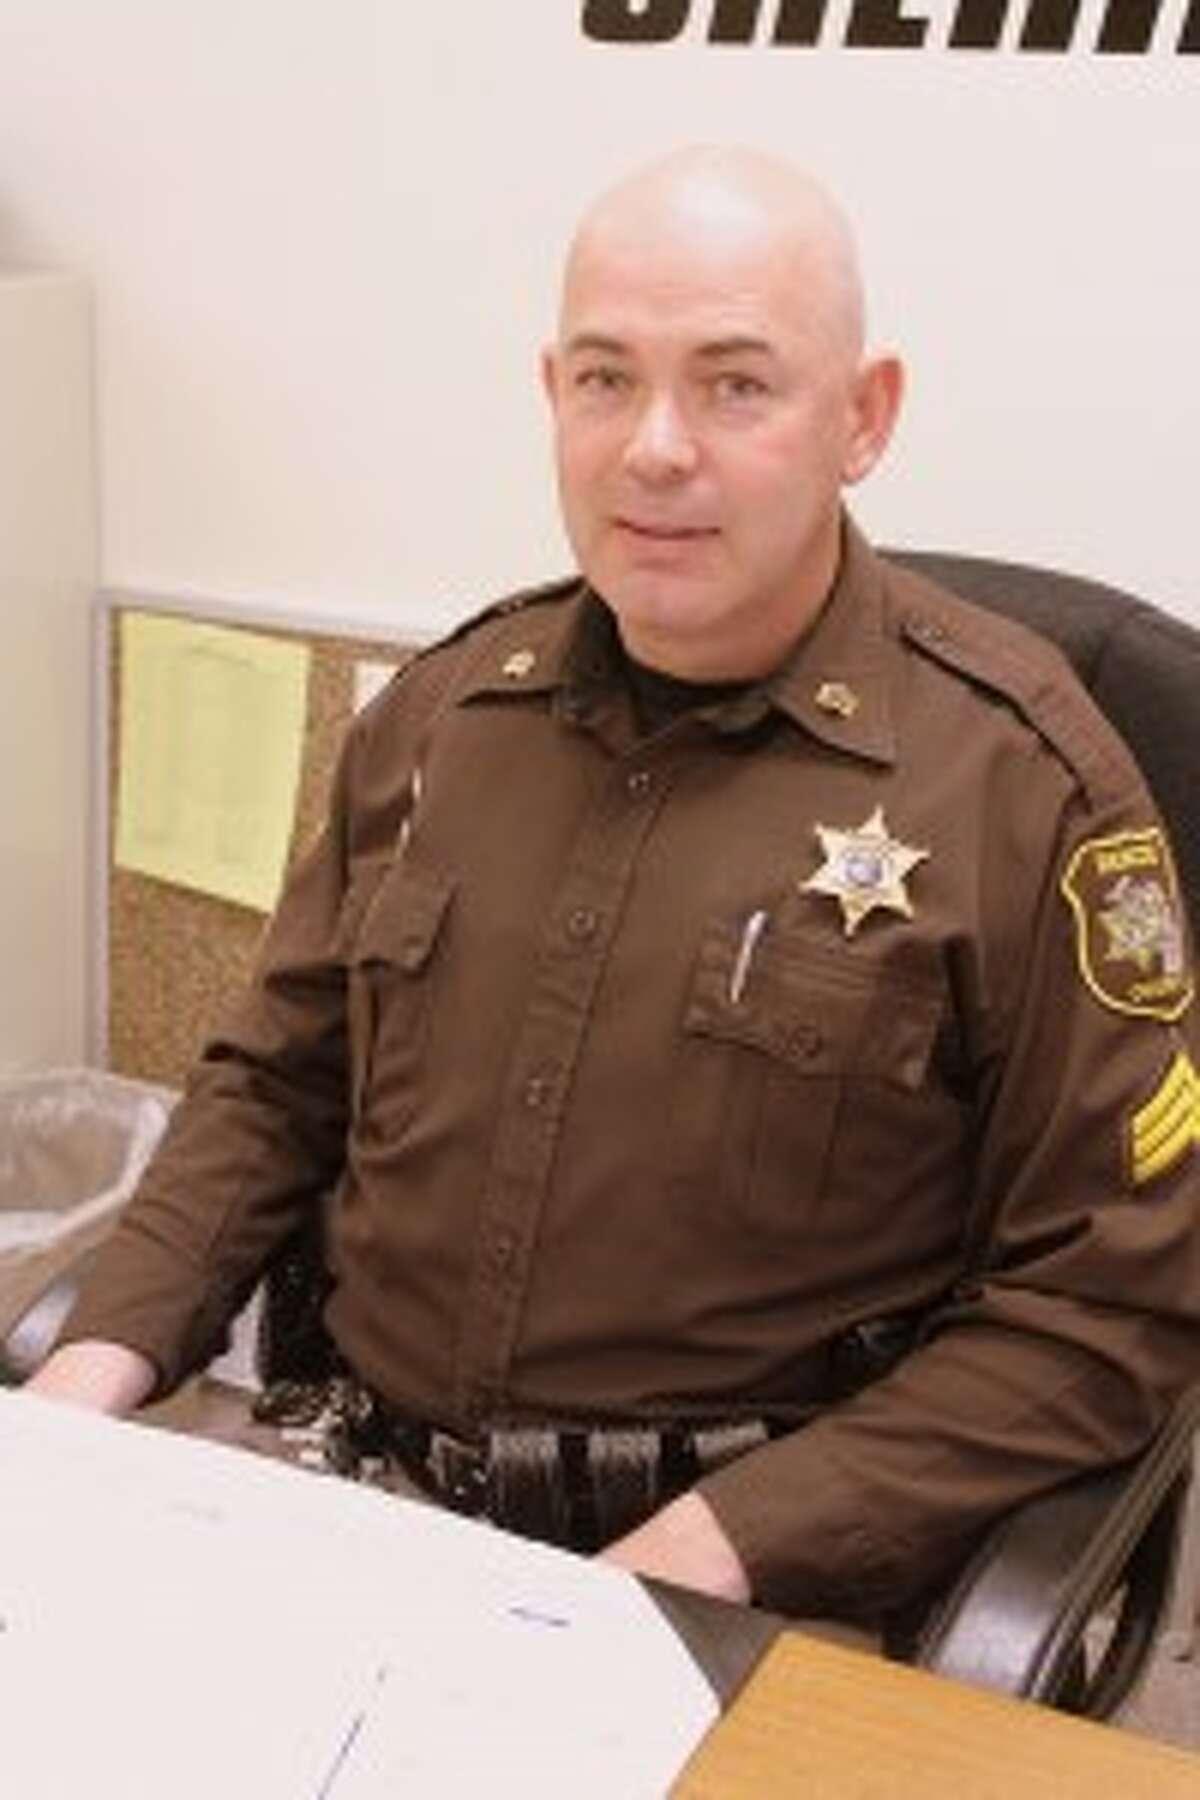 Sgt. Ken Fallowfield